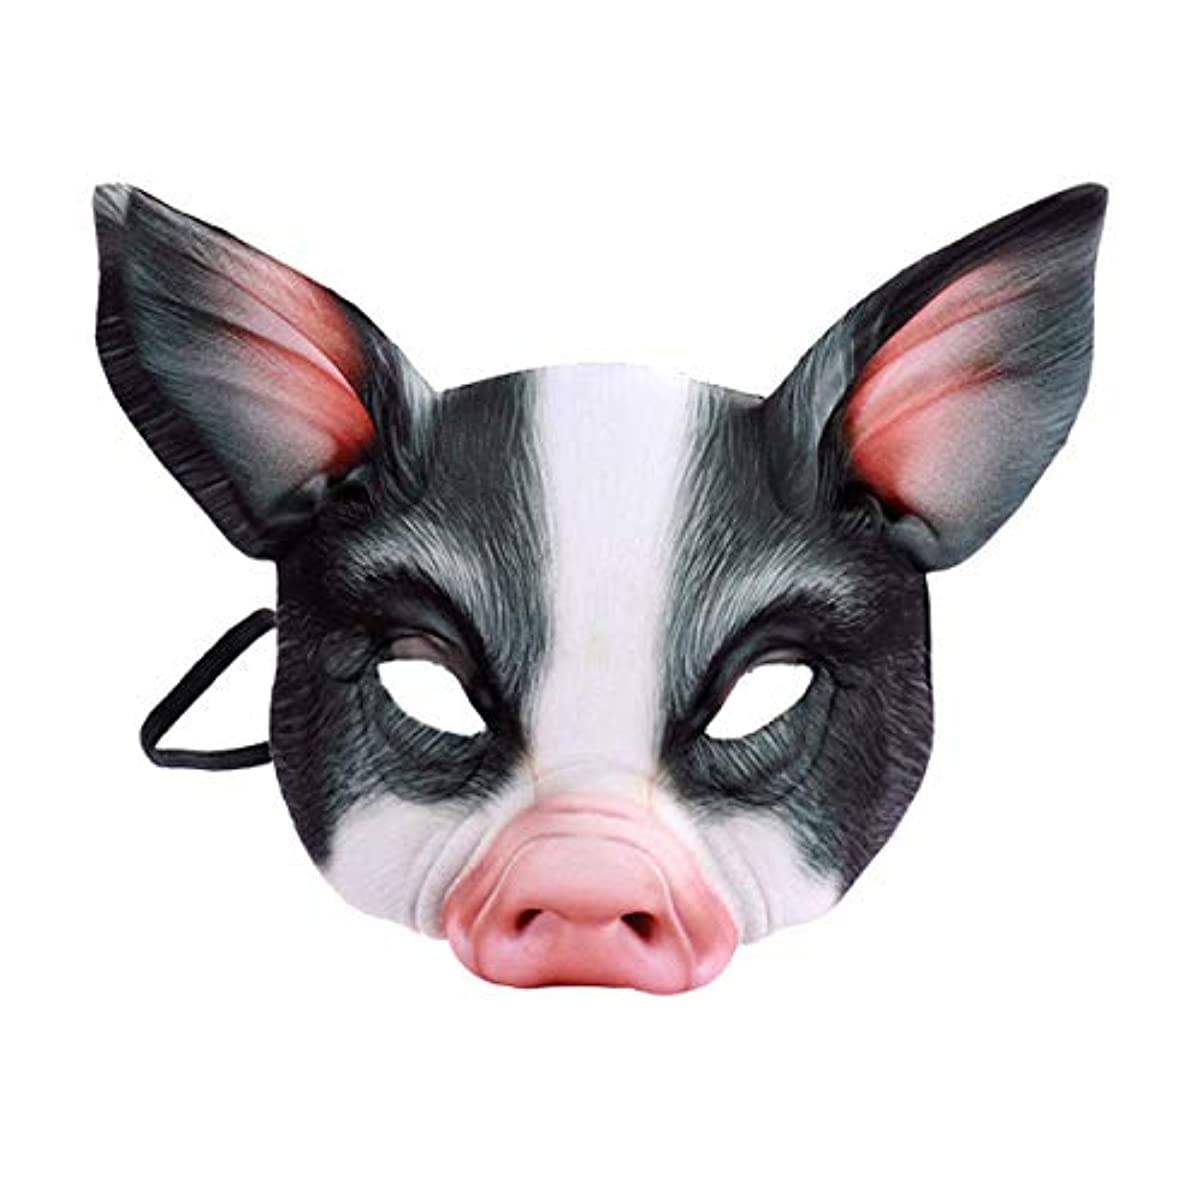 化学国家プレゼンテーションTOYMYTOY 動物マスク パーティーマスク 豚マスク コスプレ小物 仮装マスク 仮装 変装 お面 かぶりもの 仮装イベン アイテム お祭り 宴会 学園祭 ブラック